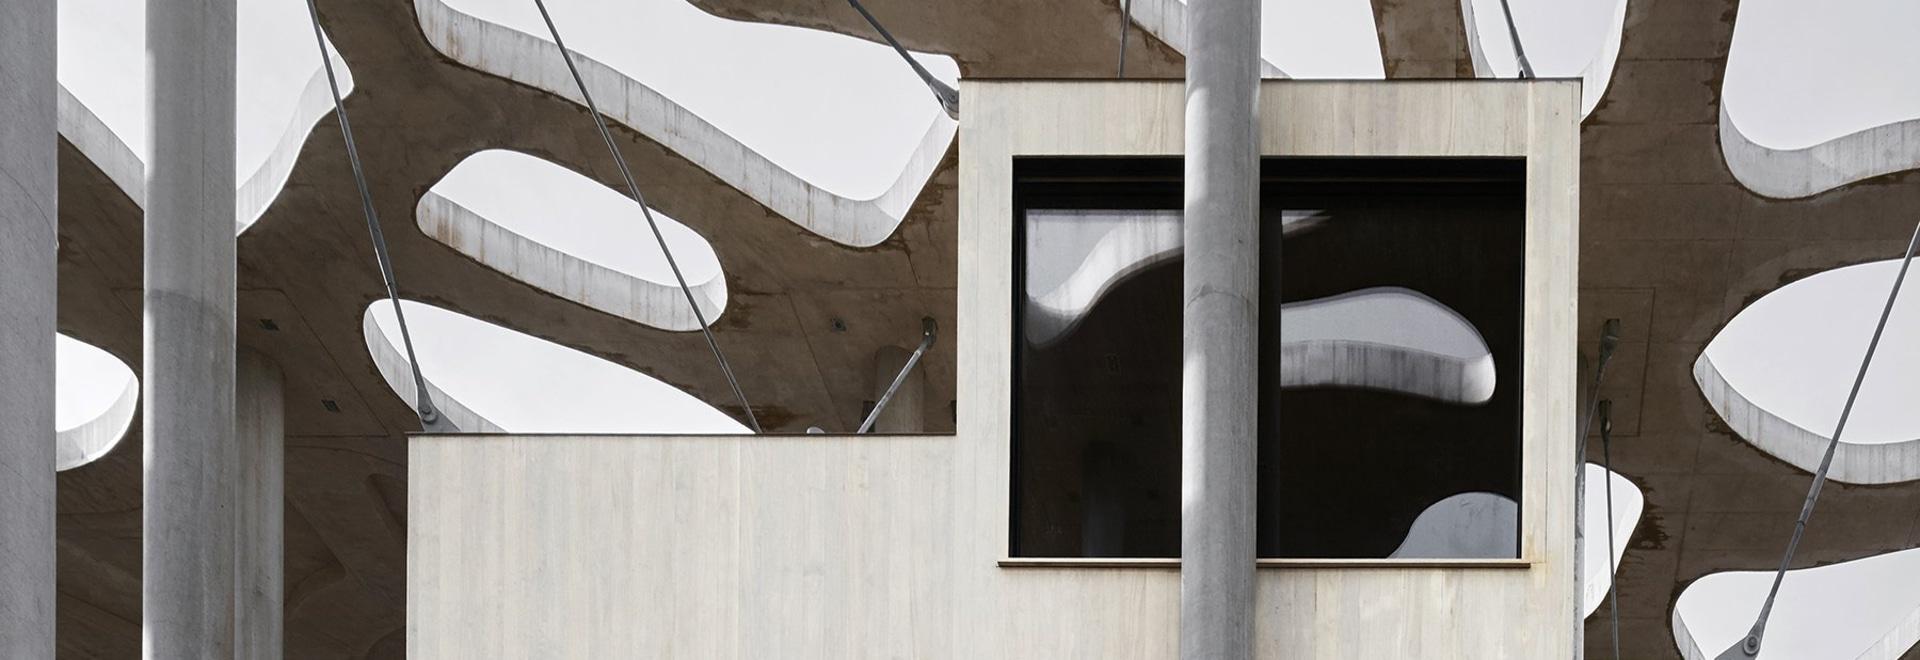 rintala eggertsson Architekten verschiebt sich hin- und herbewegende Verfasserkabinen 'zur Würdigung der Schatten'